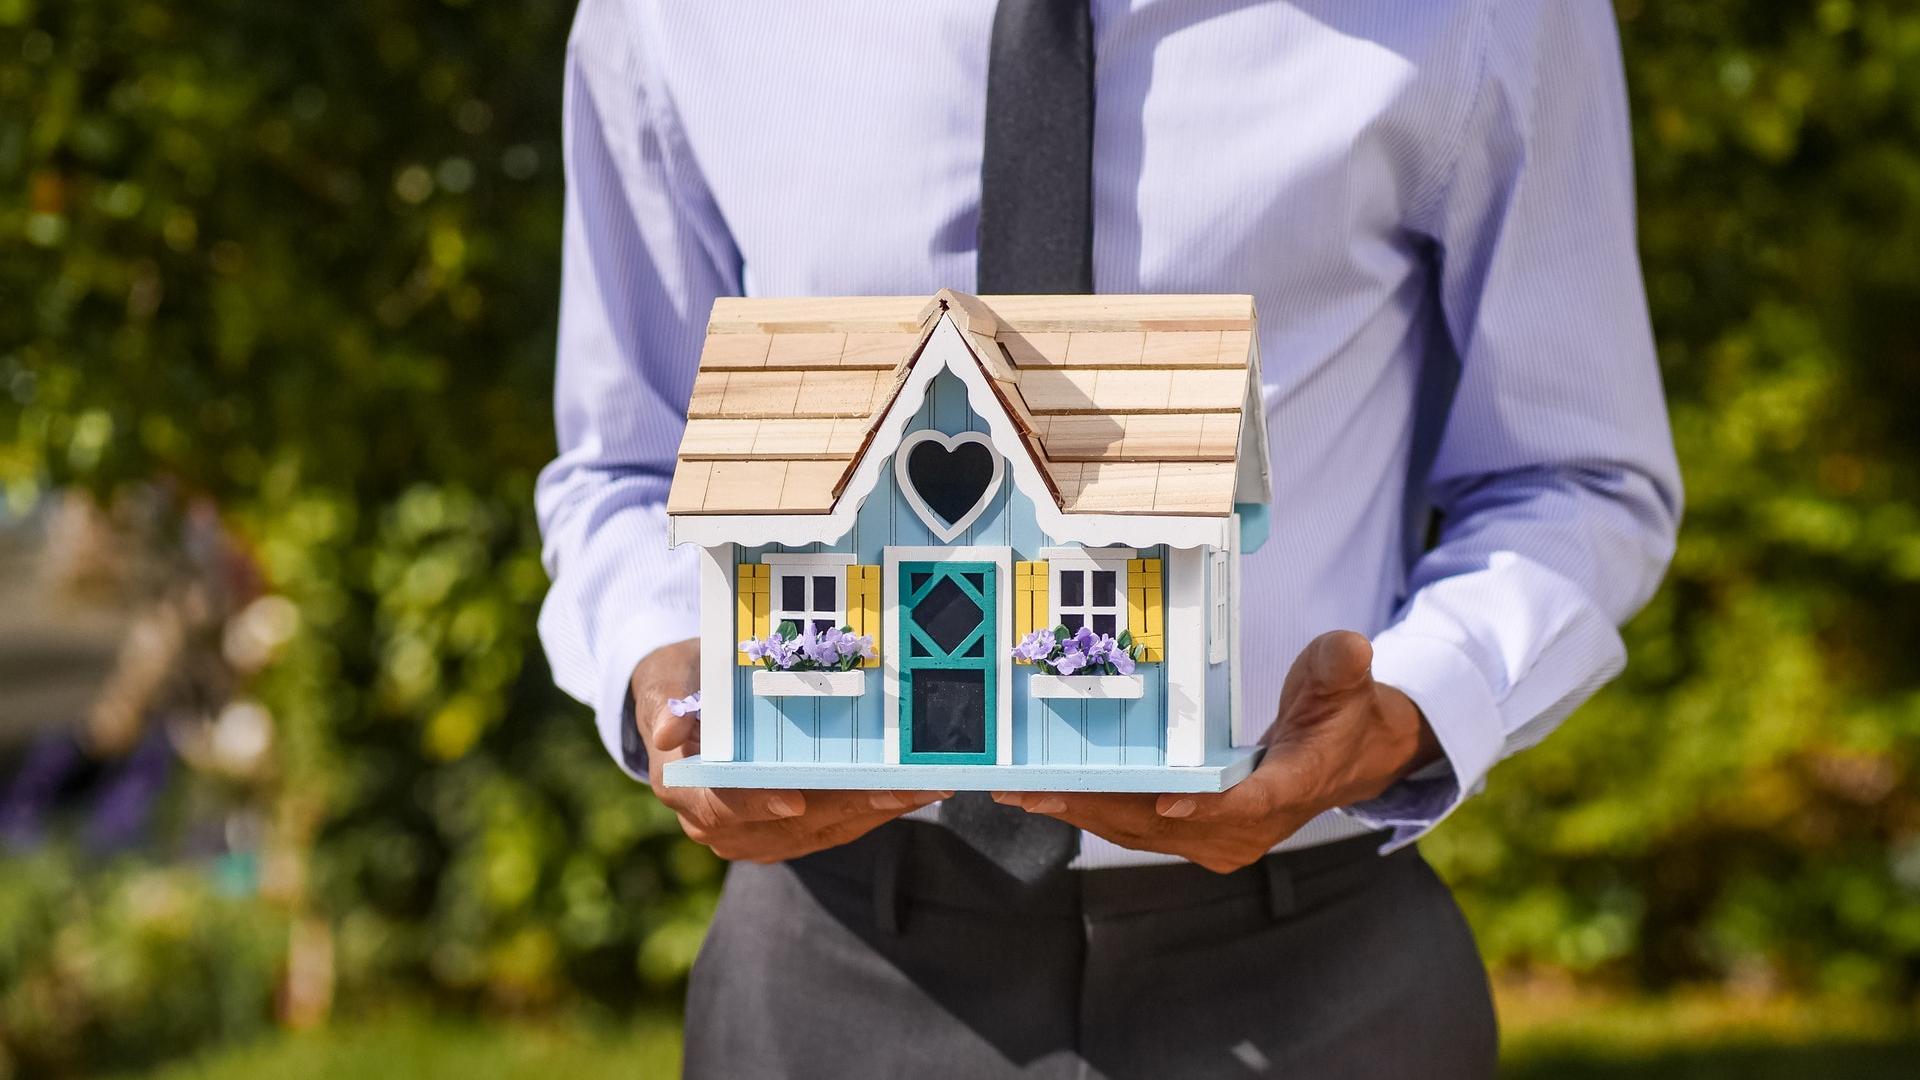 Immobilie mieten oder kaufen: Vor- und Nachteile auf einen Blick